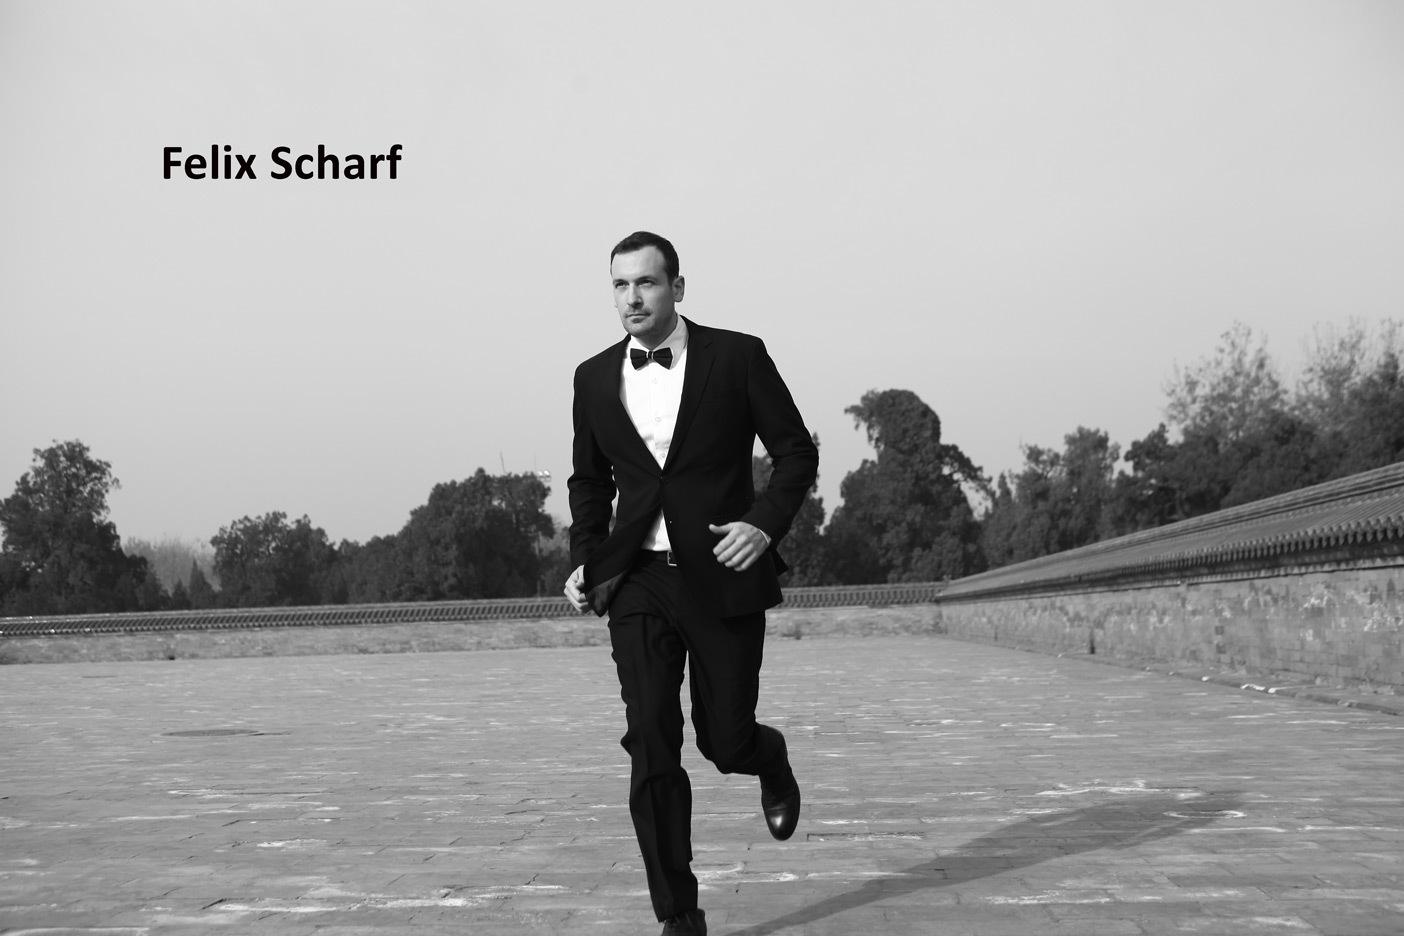 Felix Scharf